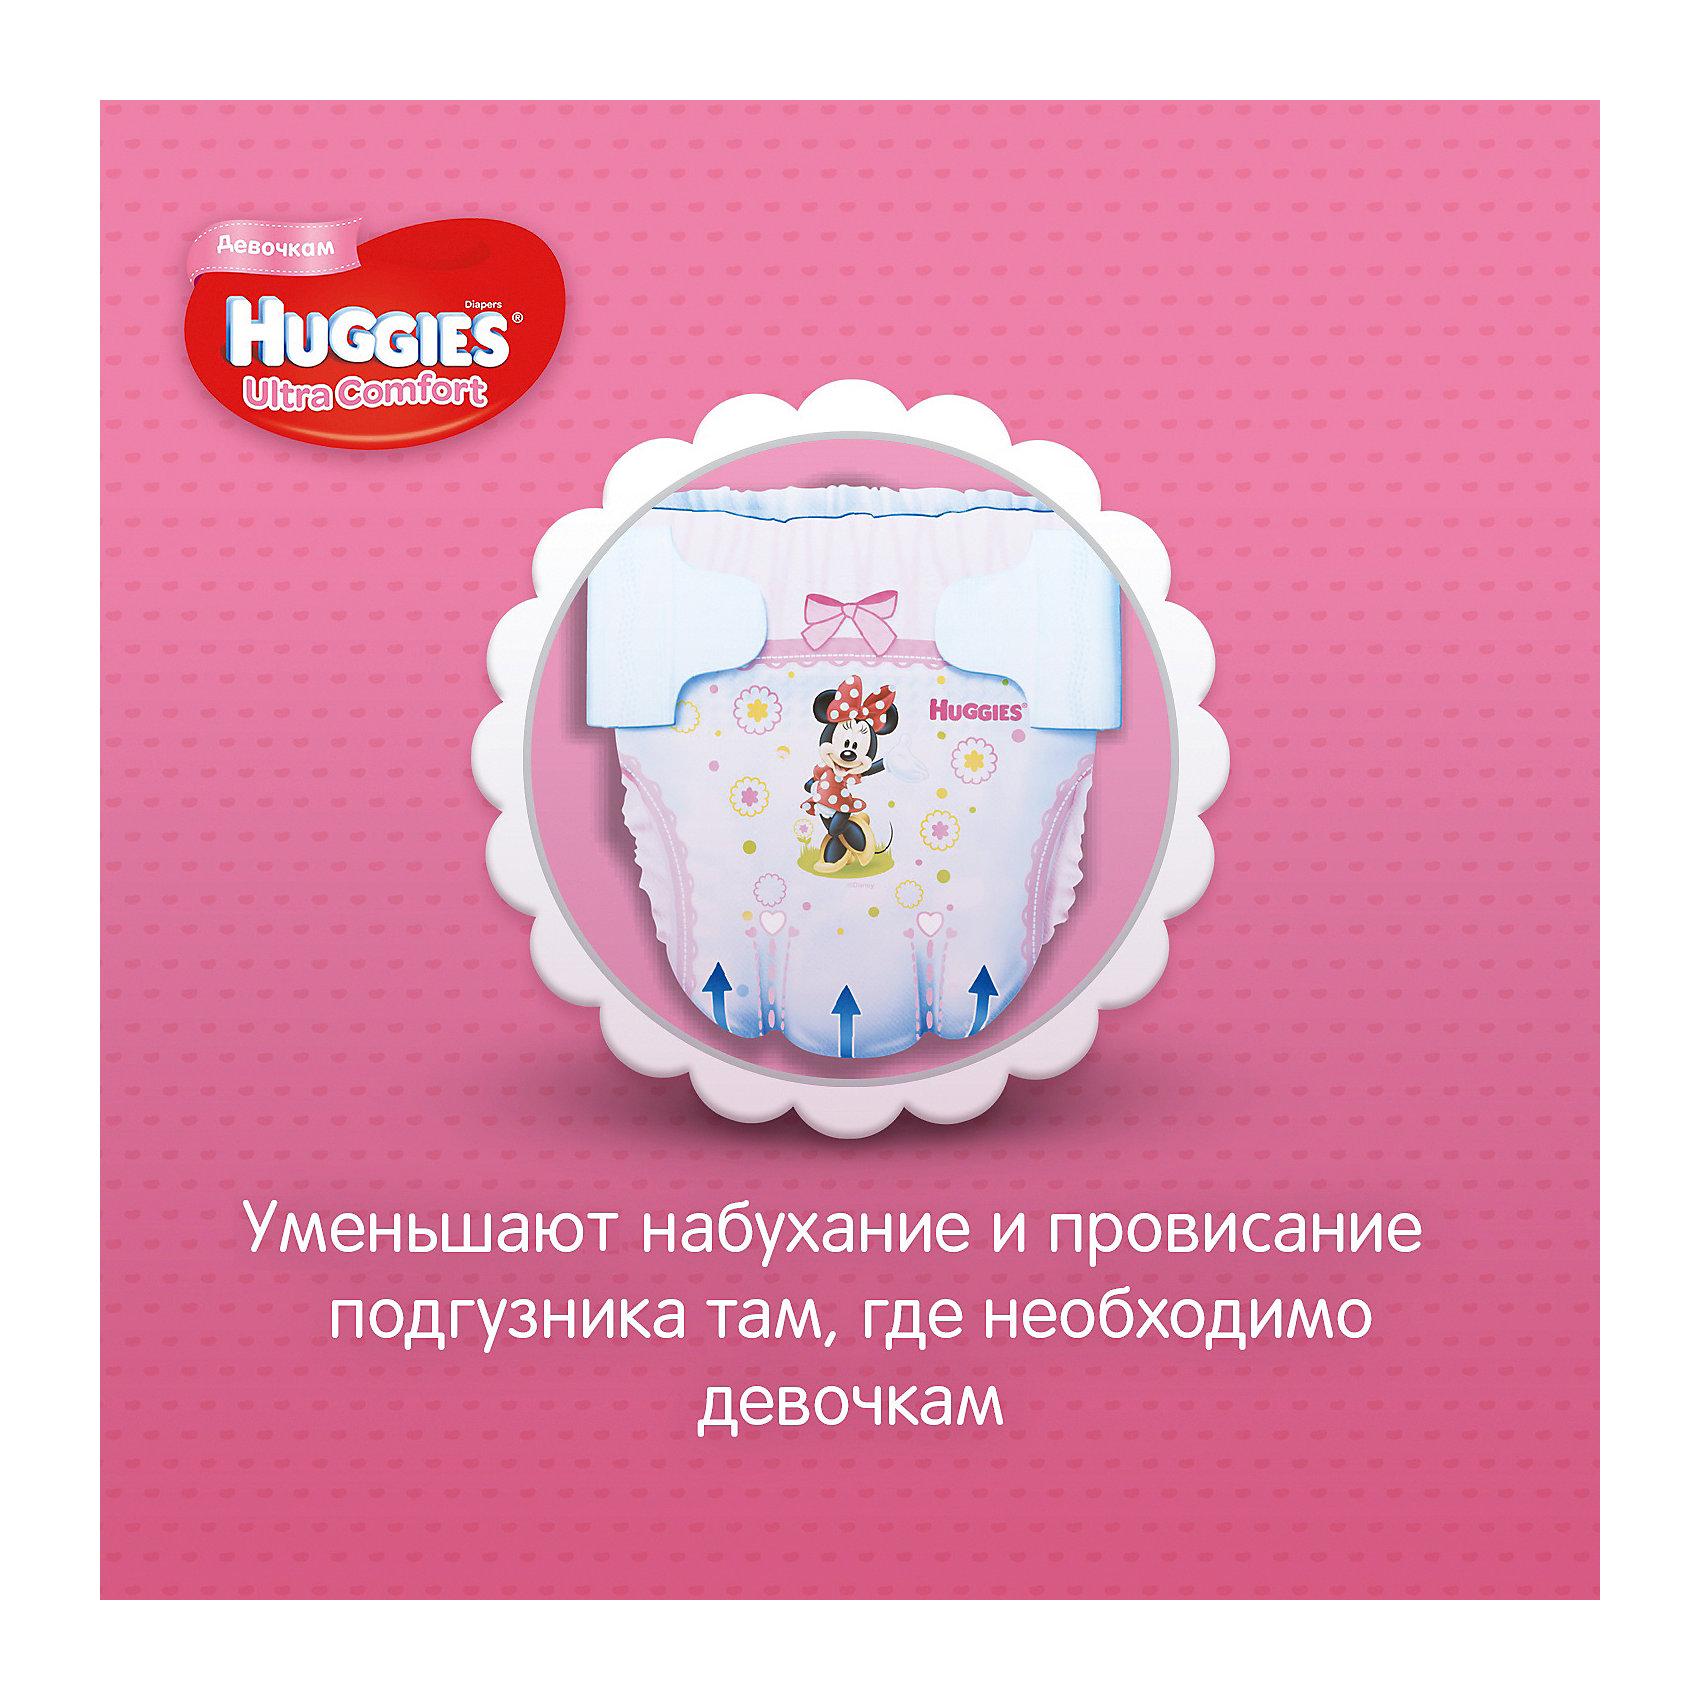 Подгузники Huggies Ultra Comfort 4  для девочек, 8-14 кг, 19шт.